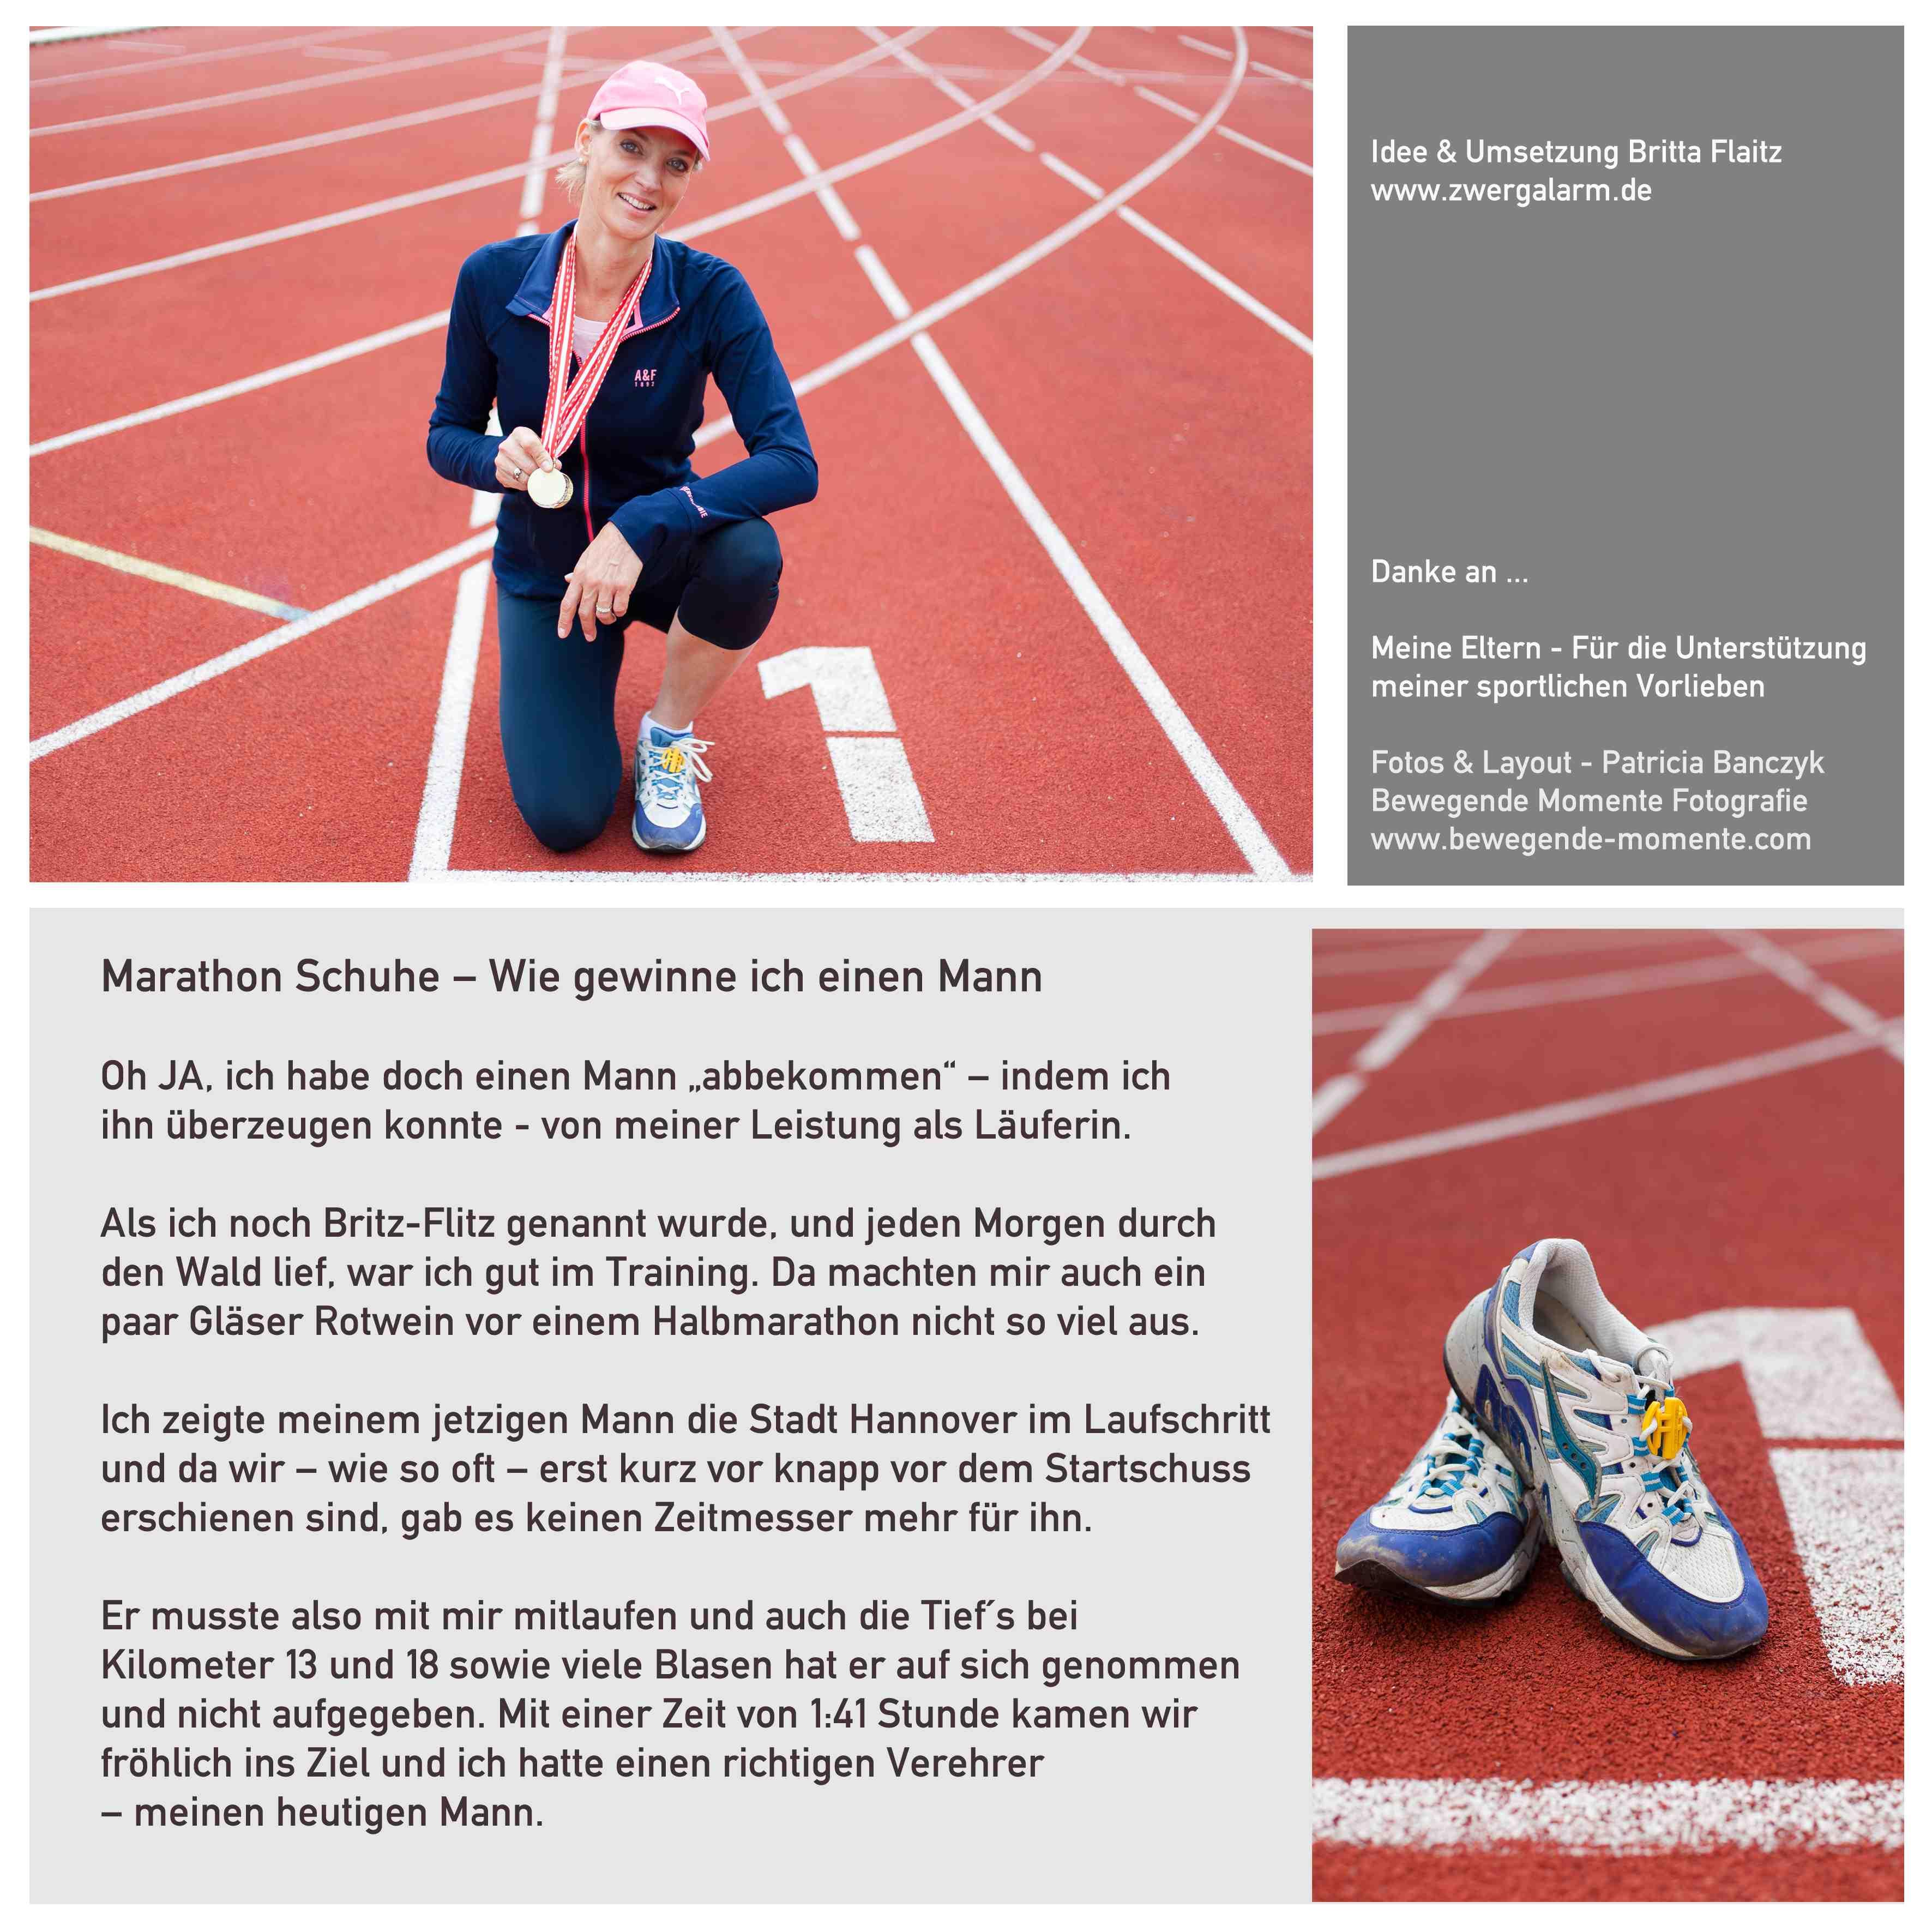 zwergalarm-Schuhtick-Marathonschuh-Britta-Flaitz-fin-web